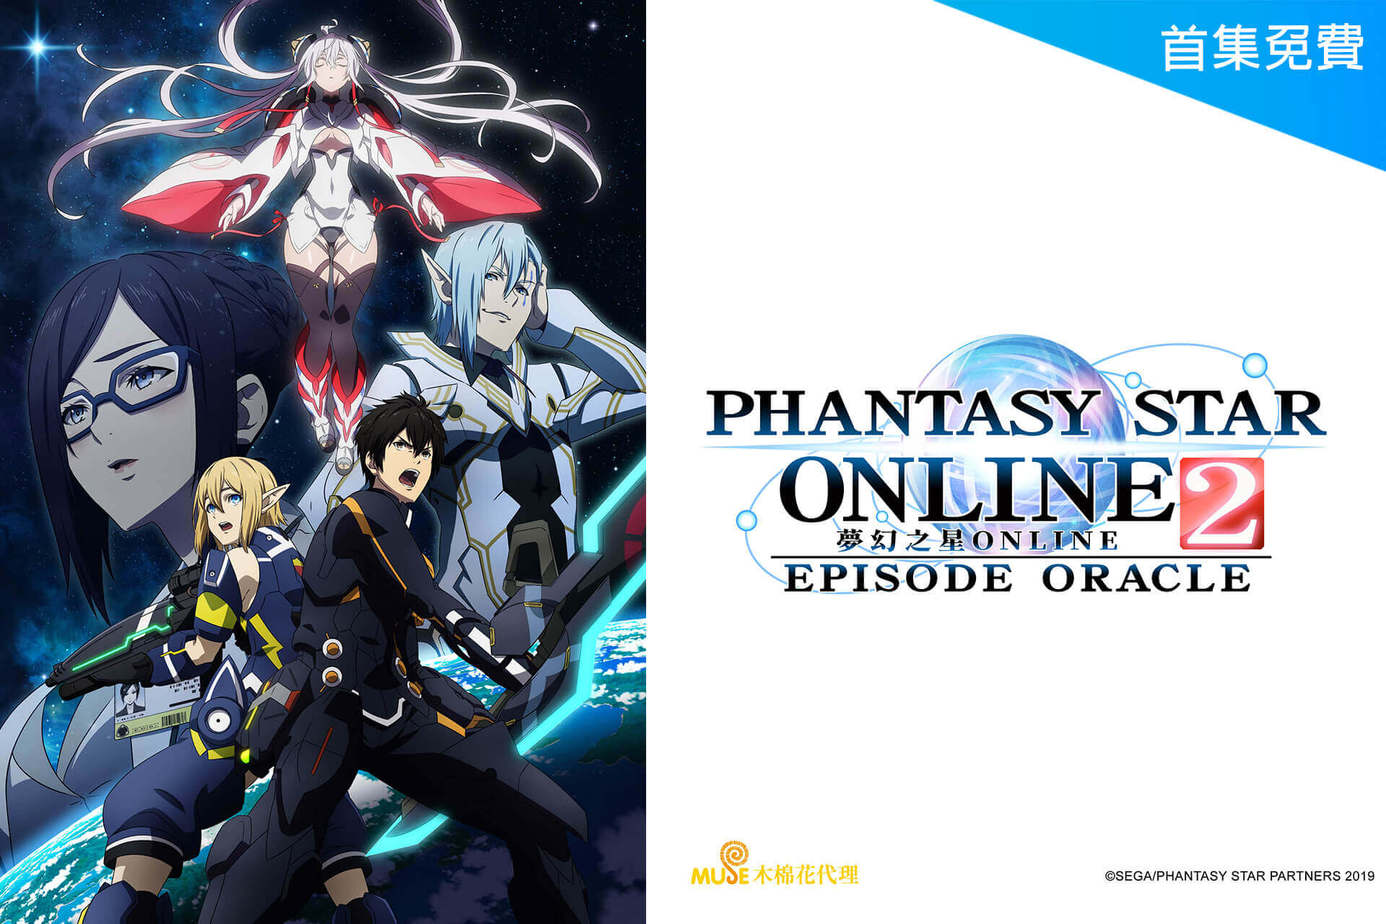 夢幻之星online 2 Episode Oracle